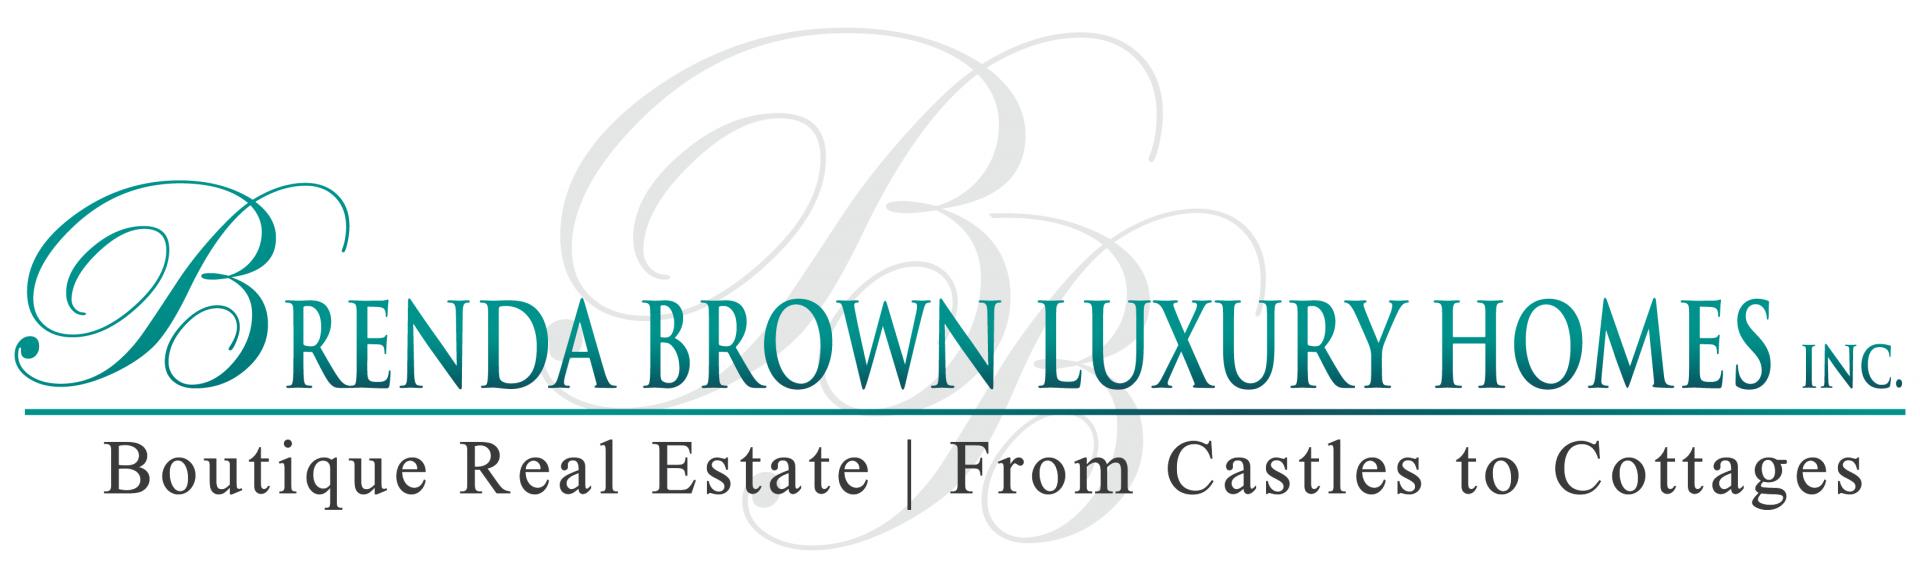 Brenda Brown Luxury Homes logo